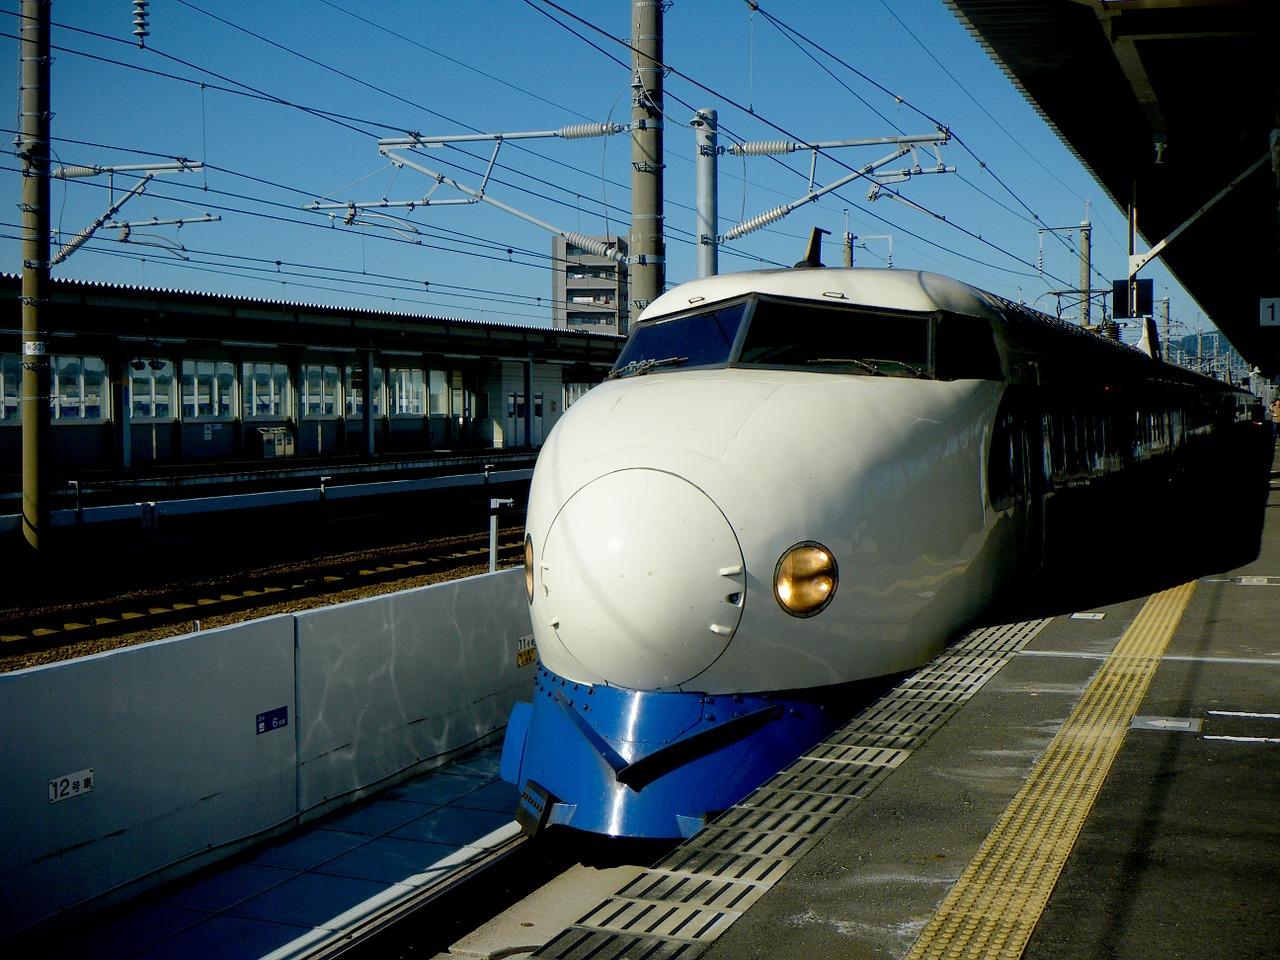 #1 鉄道・電車好きさんにおすすめの生地(布地)をご紹介★4色展開です!